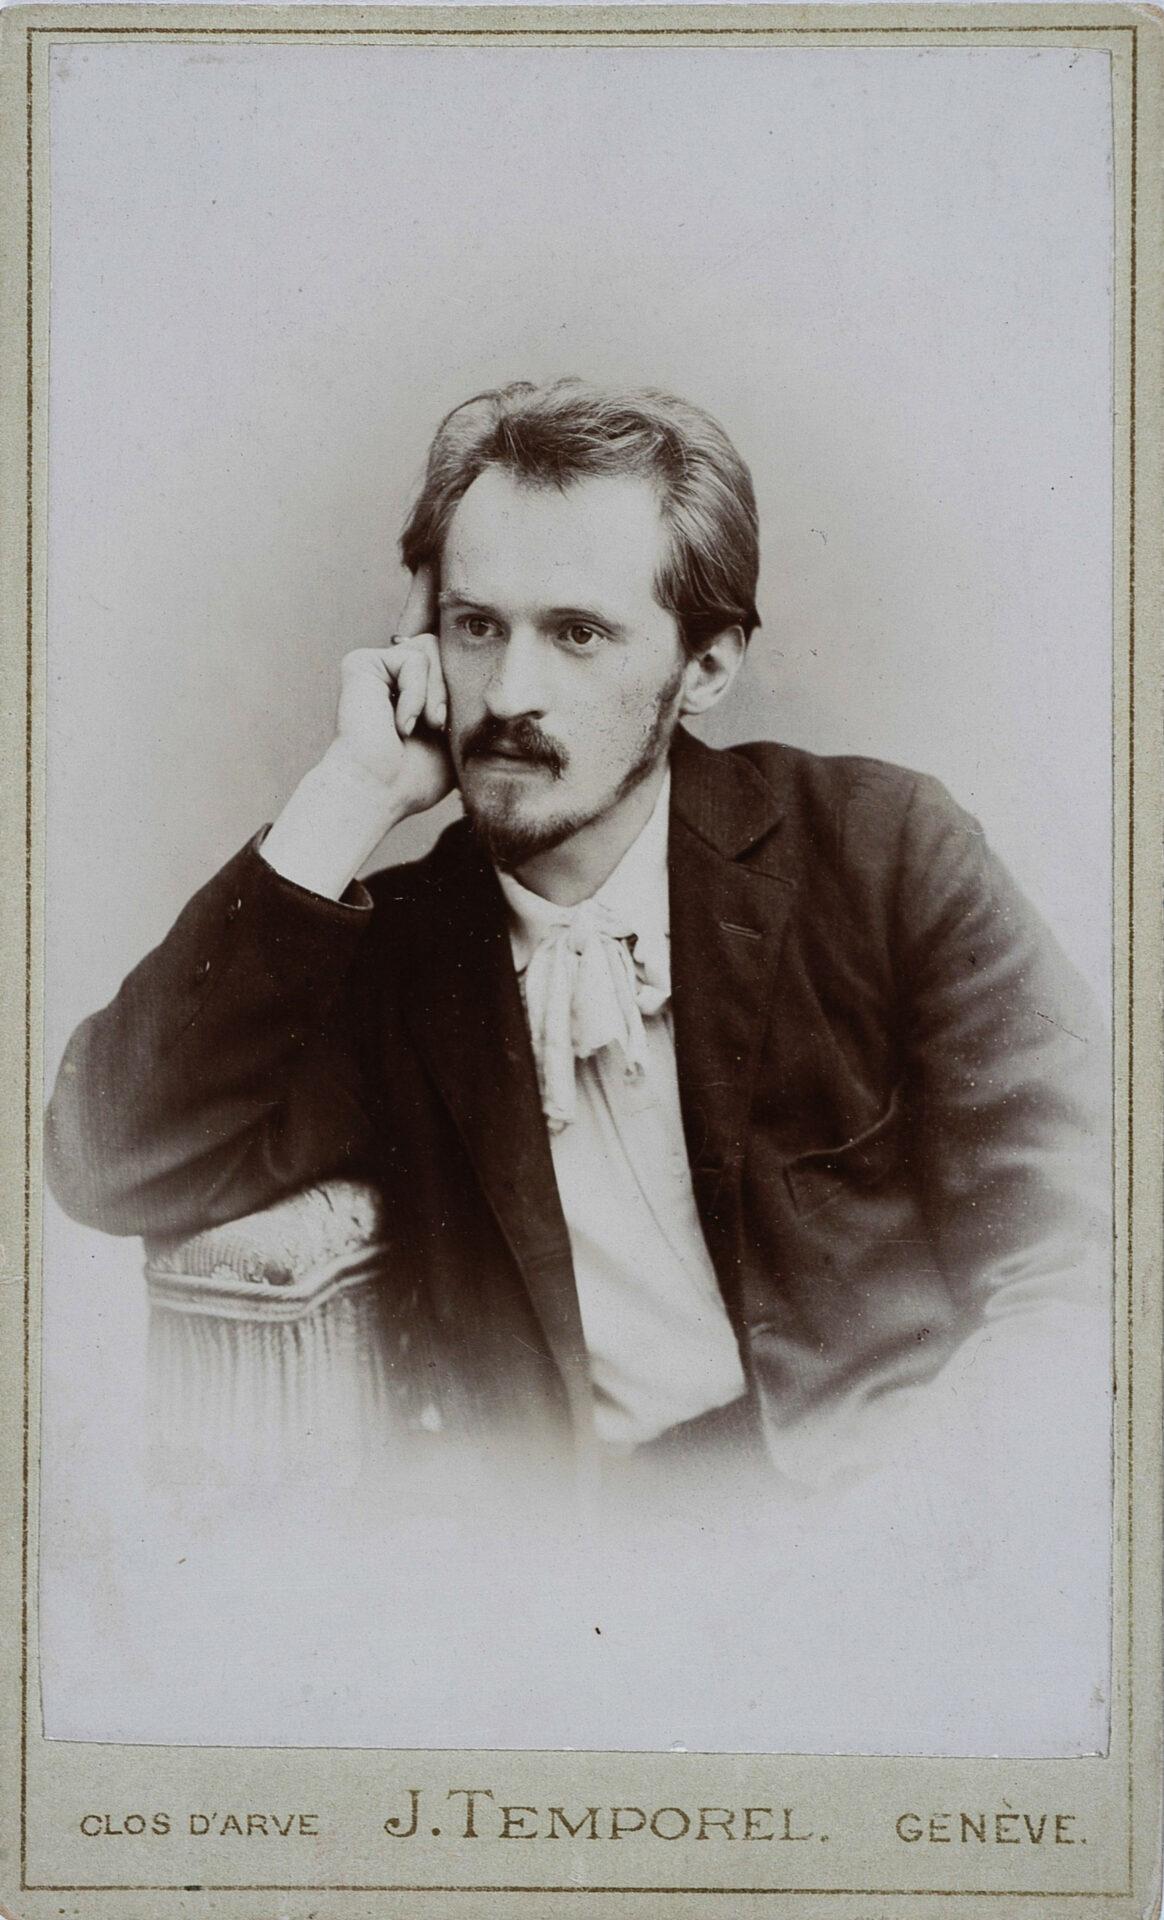 Portret Edwarda Abramowskiego. Źródło: Cyfrowa Biblioteka Narodowa Polona.